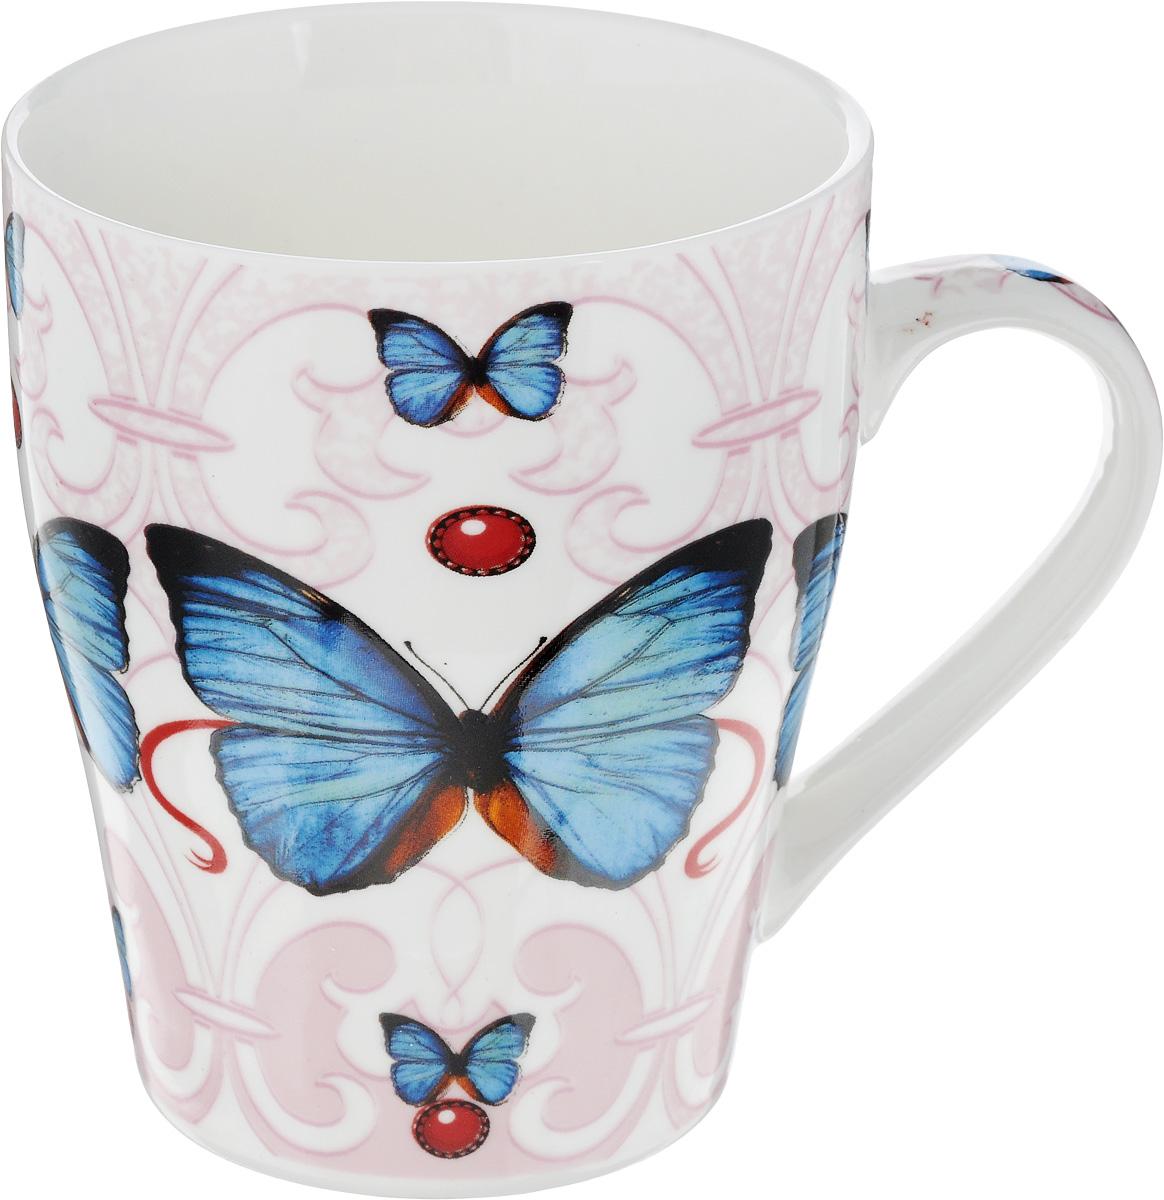 Кружка Loraine Бабочка, цвет: белый, розовый, синий, 340 млVT-1520(SR)Кружка Loraine Бабочка изготовлена из высококачественного костяного фарфора и оформлена стильным рисунком. Изящный дизайн придется по вкусу и ценителям классики, и тем, кто предпочитает современный стиль. Она настроит на позитивный лад и подарит хорошее настроение с самого утра. Кружка Loraine Бабочка - идеальный и необходимый подарок для вашего дома и для ваших друзей в праздники.Диаметр кружки: 8 см.Высота стенки: 10 см.